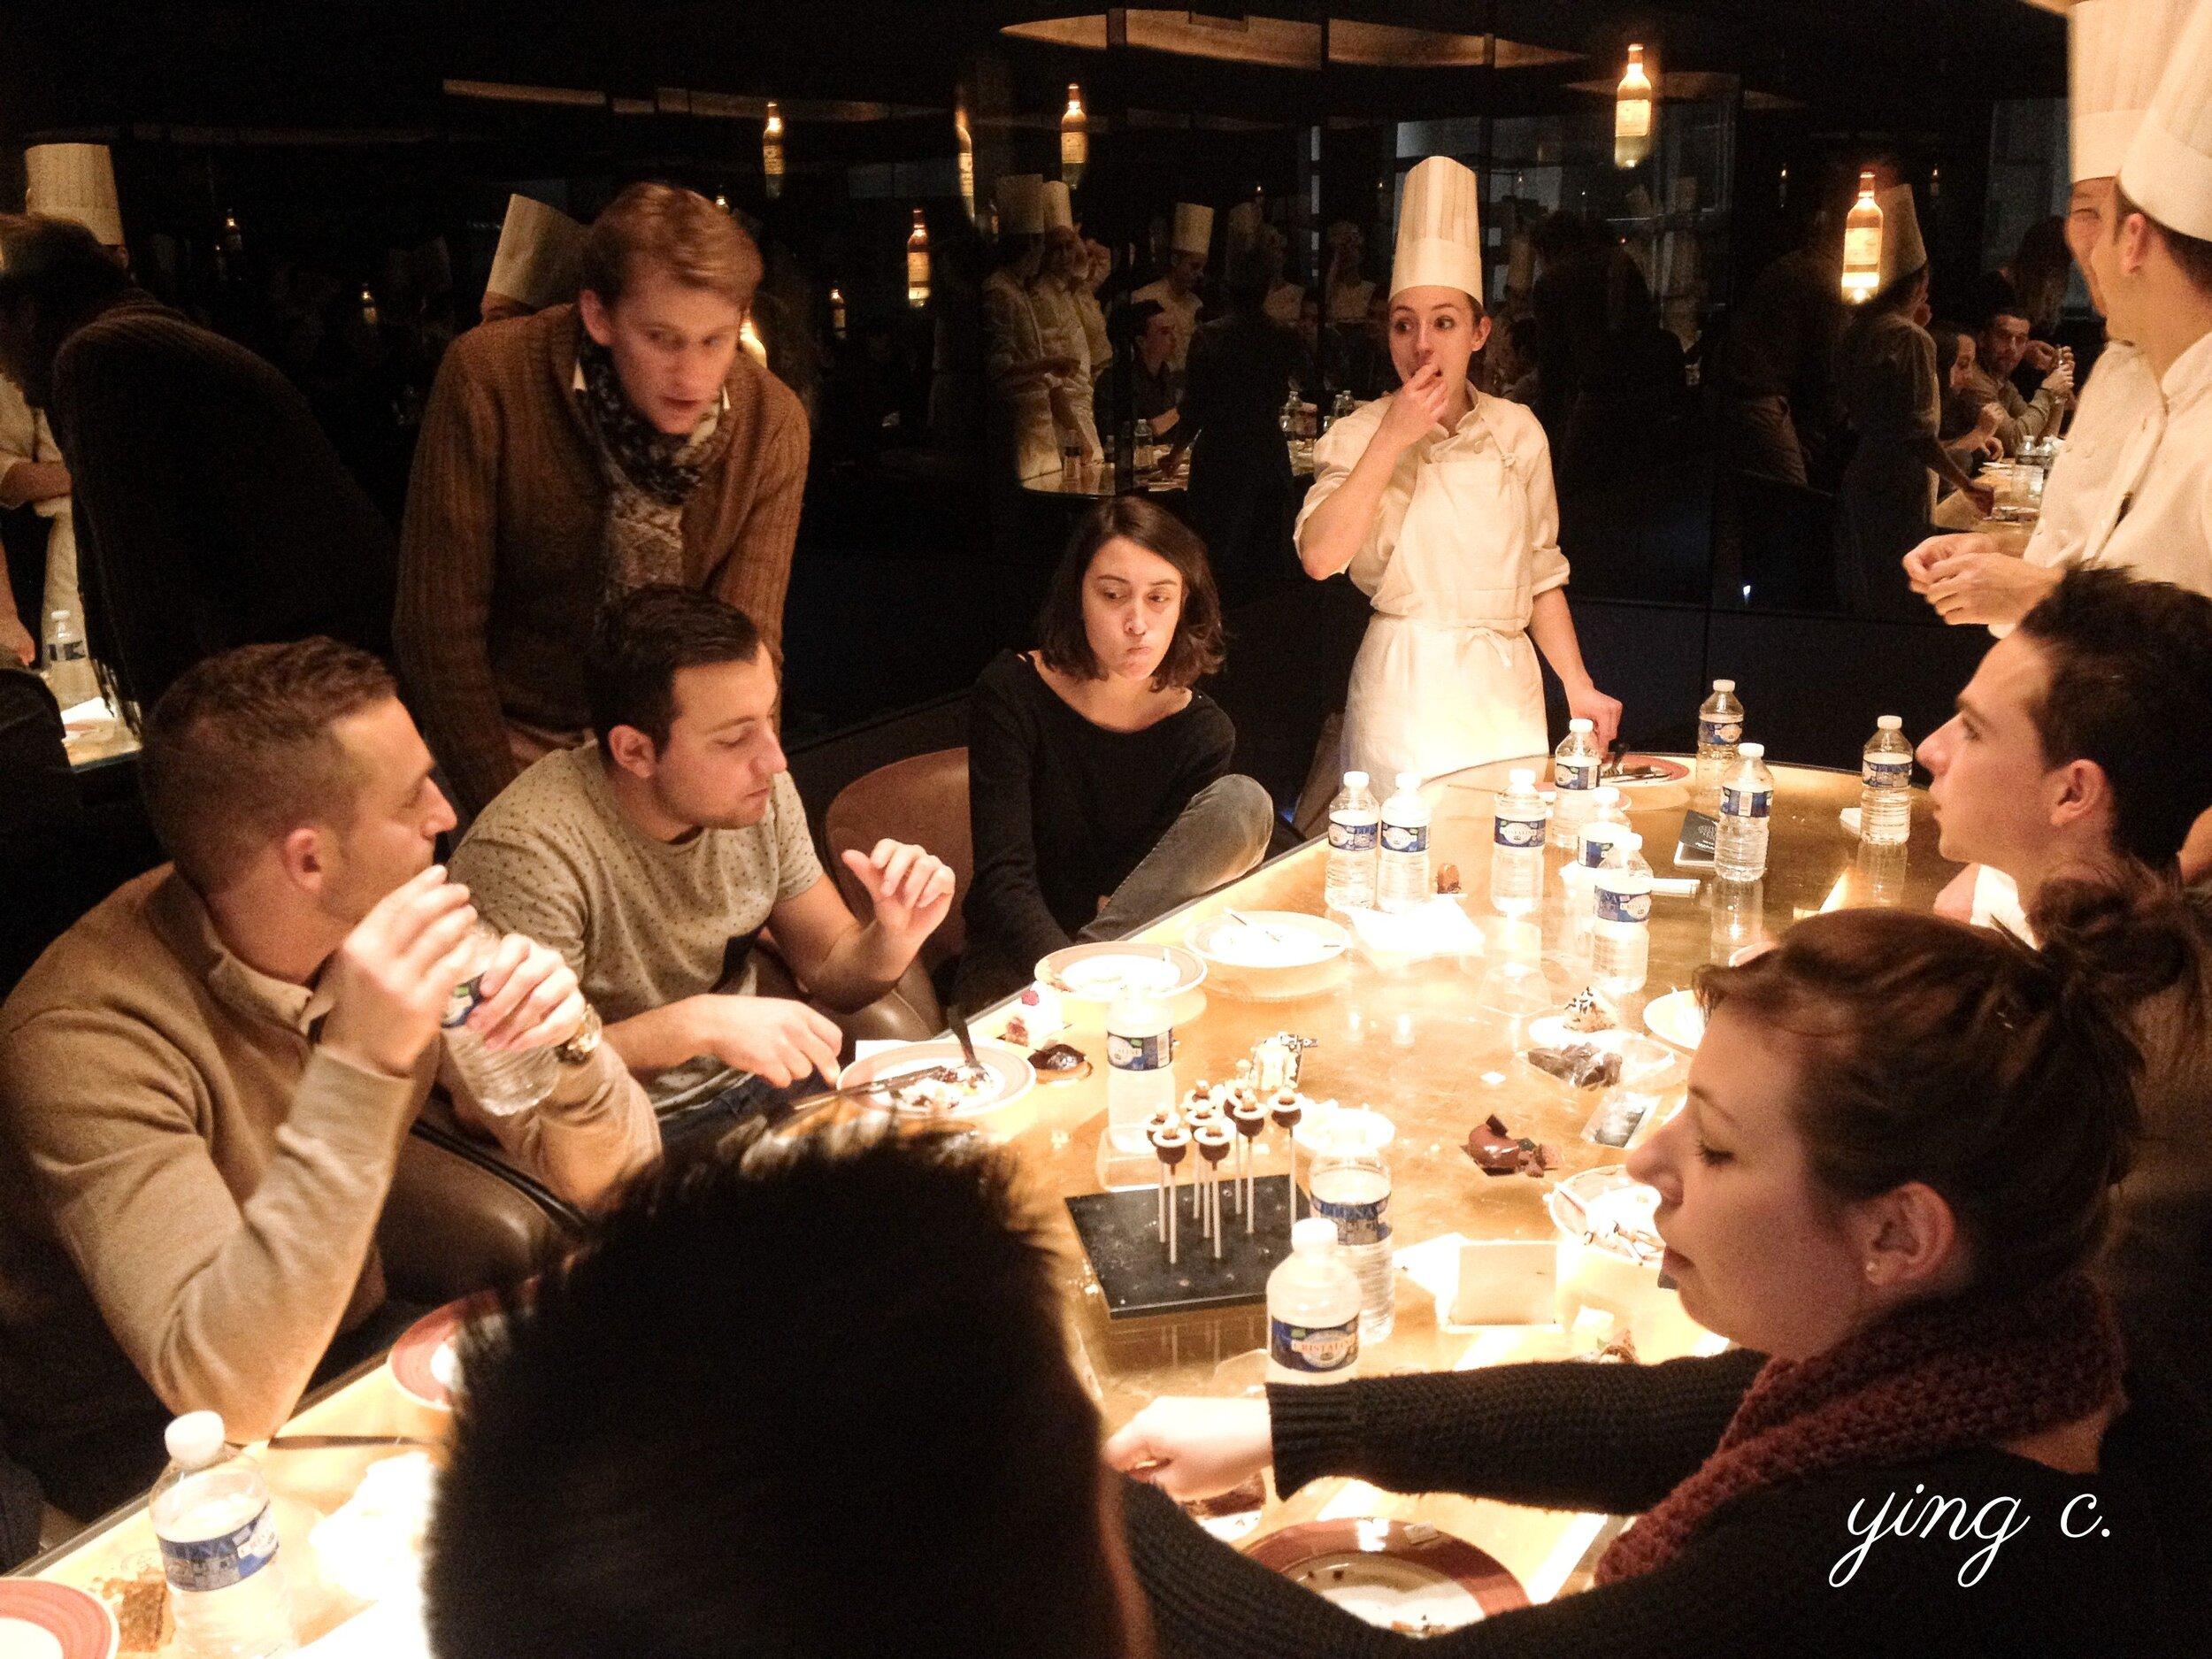 Le Meurice 甜點廚房不時會安排團隊間的意見交流與分享活動,圖中是 2014 年年底某次甜點試吃活動,主題可能是巧克力甜點。團隊成員從巴黎各大甜點店與飯店搜集來不同的作品並一起試吃、討論。圖中還有當時擔任甜點廚房副主廚的  Maxime Frédéric  主廚。